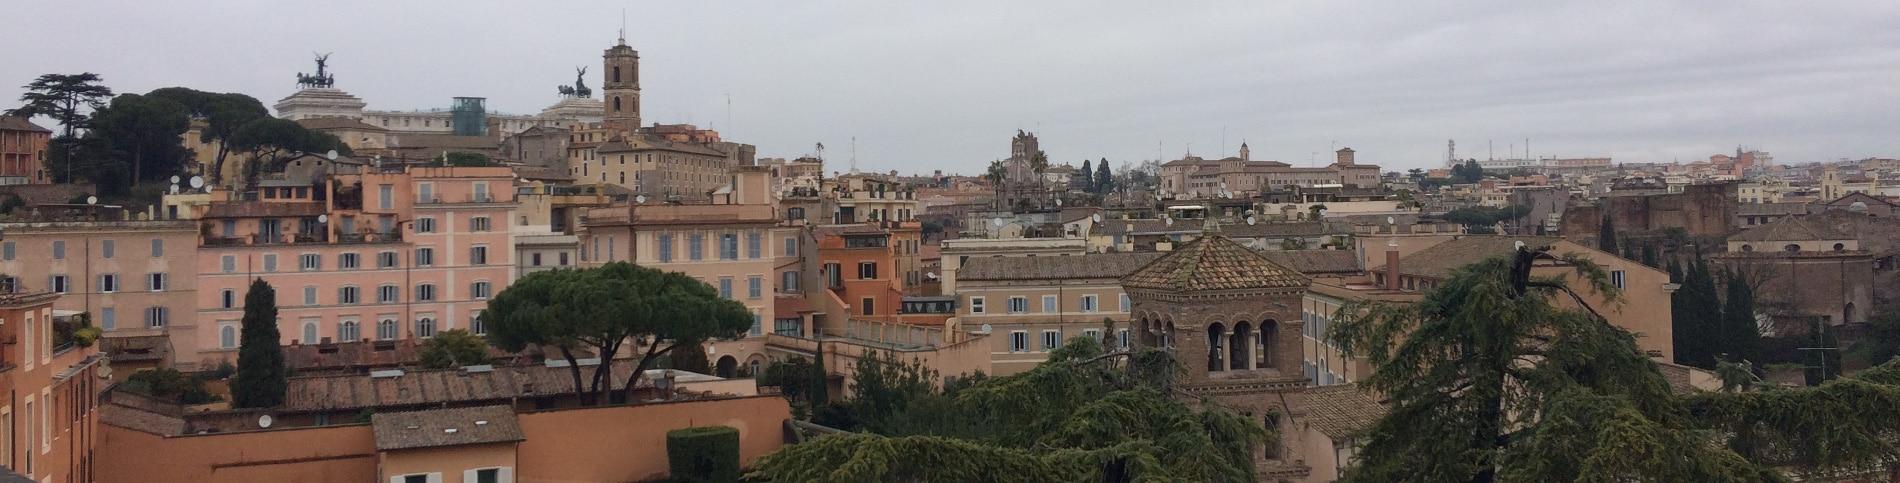 terraza palacio rhinoceros roma